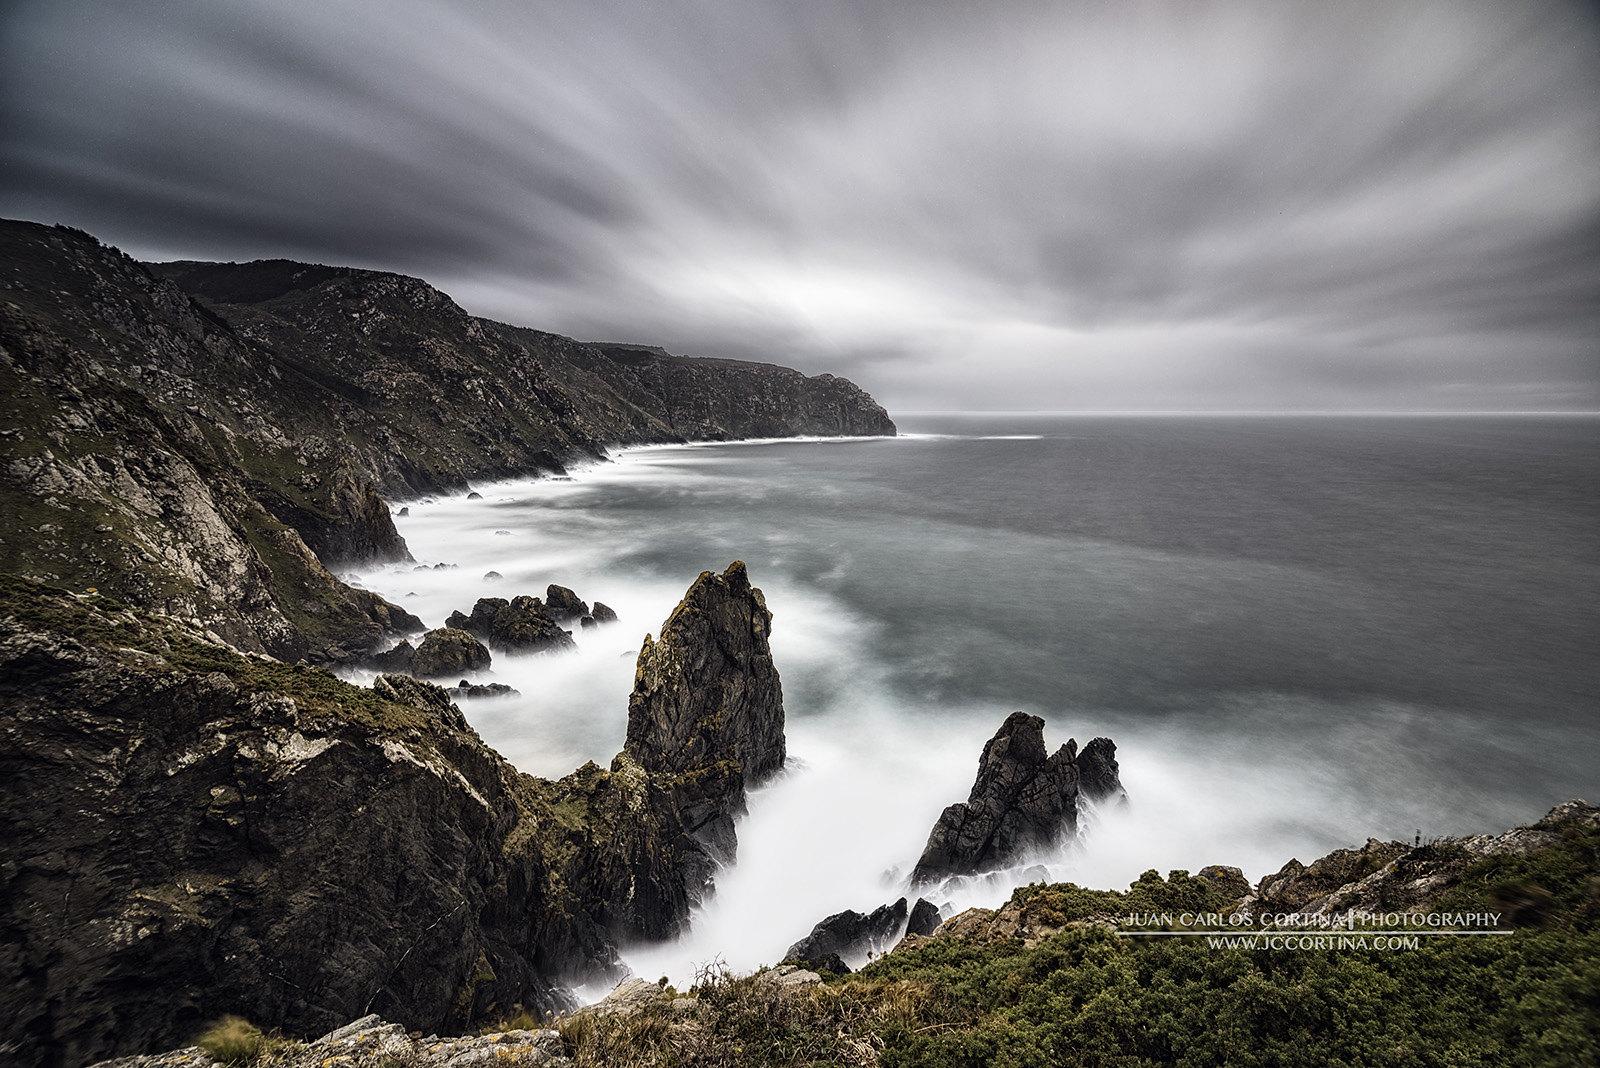 Tempestad en Cabo Ortegal